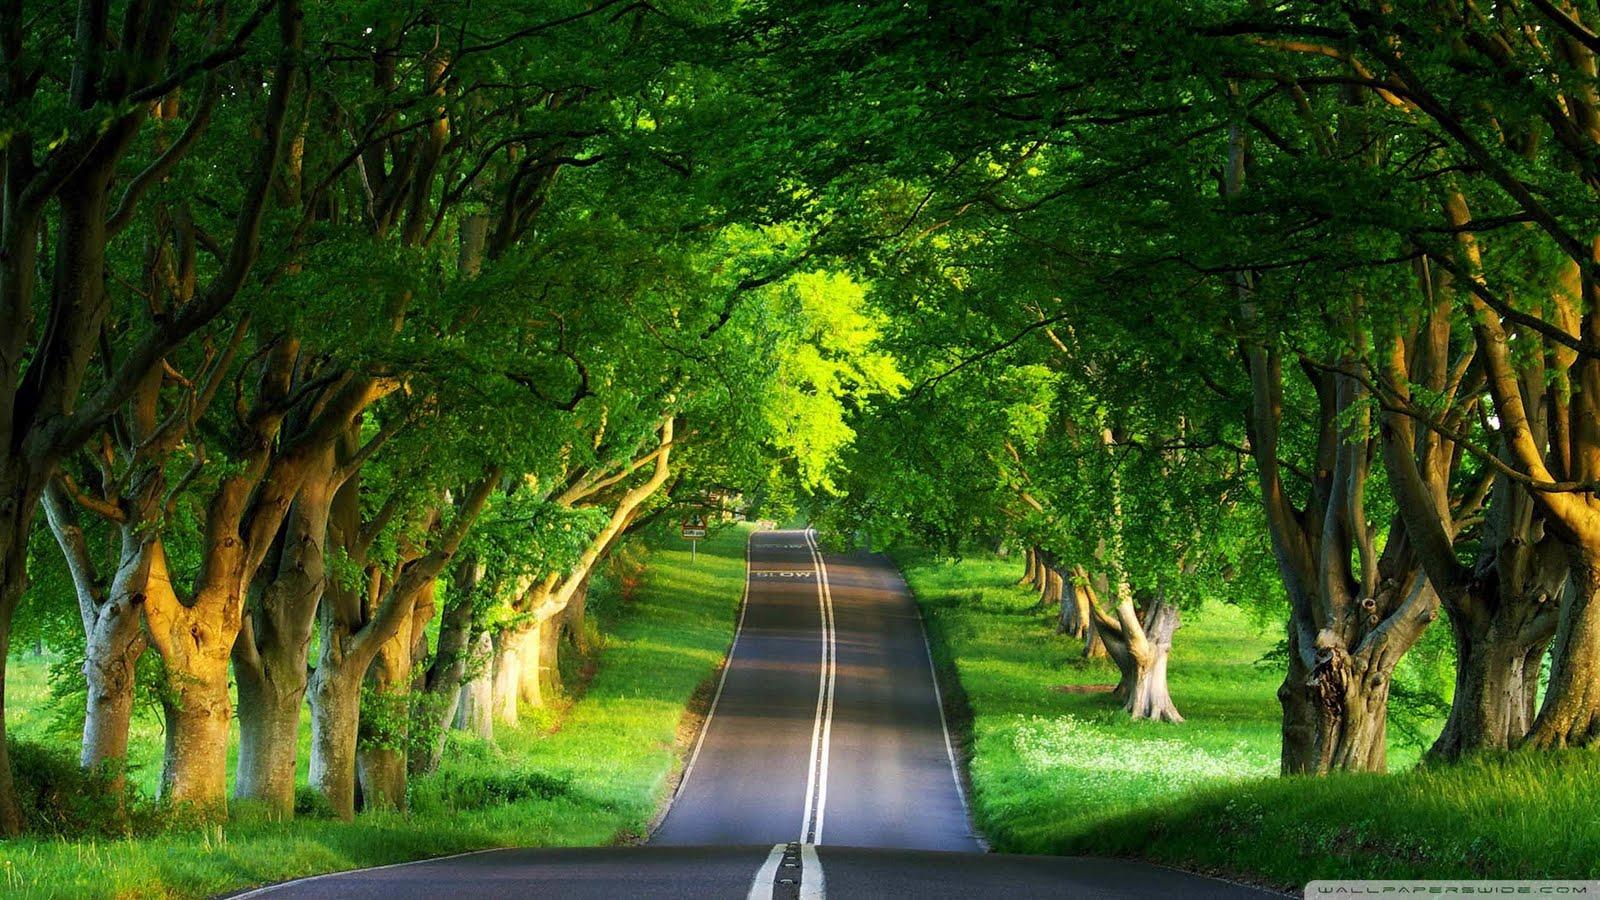 http://4.bp.blogspot.com/-jhdA5407jJI/UJtrJ7KmwaI/AAAAAAAAAxQ/q8AXcbgrrrU/s1600/road_summer_2-1920x1080.jpg